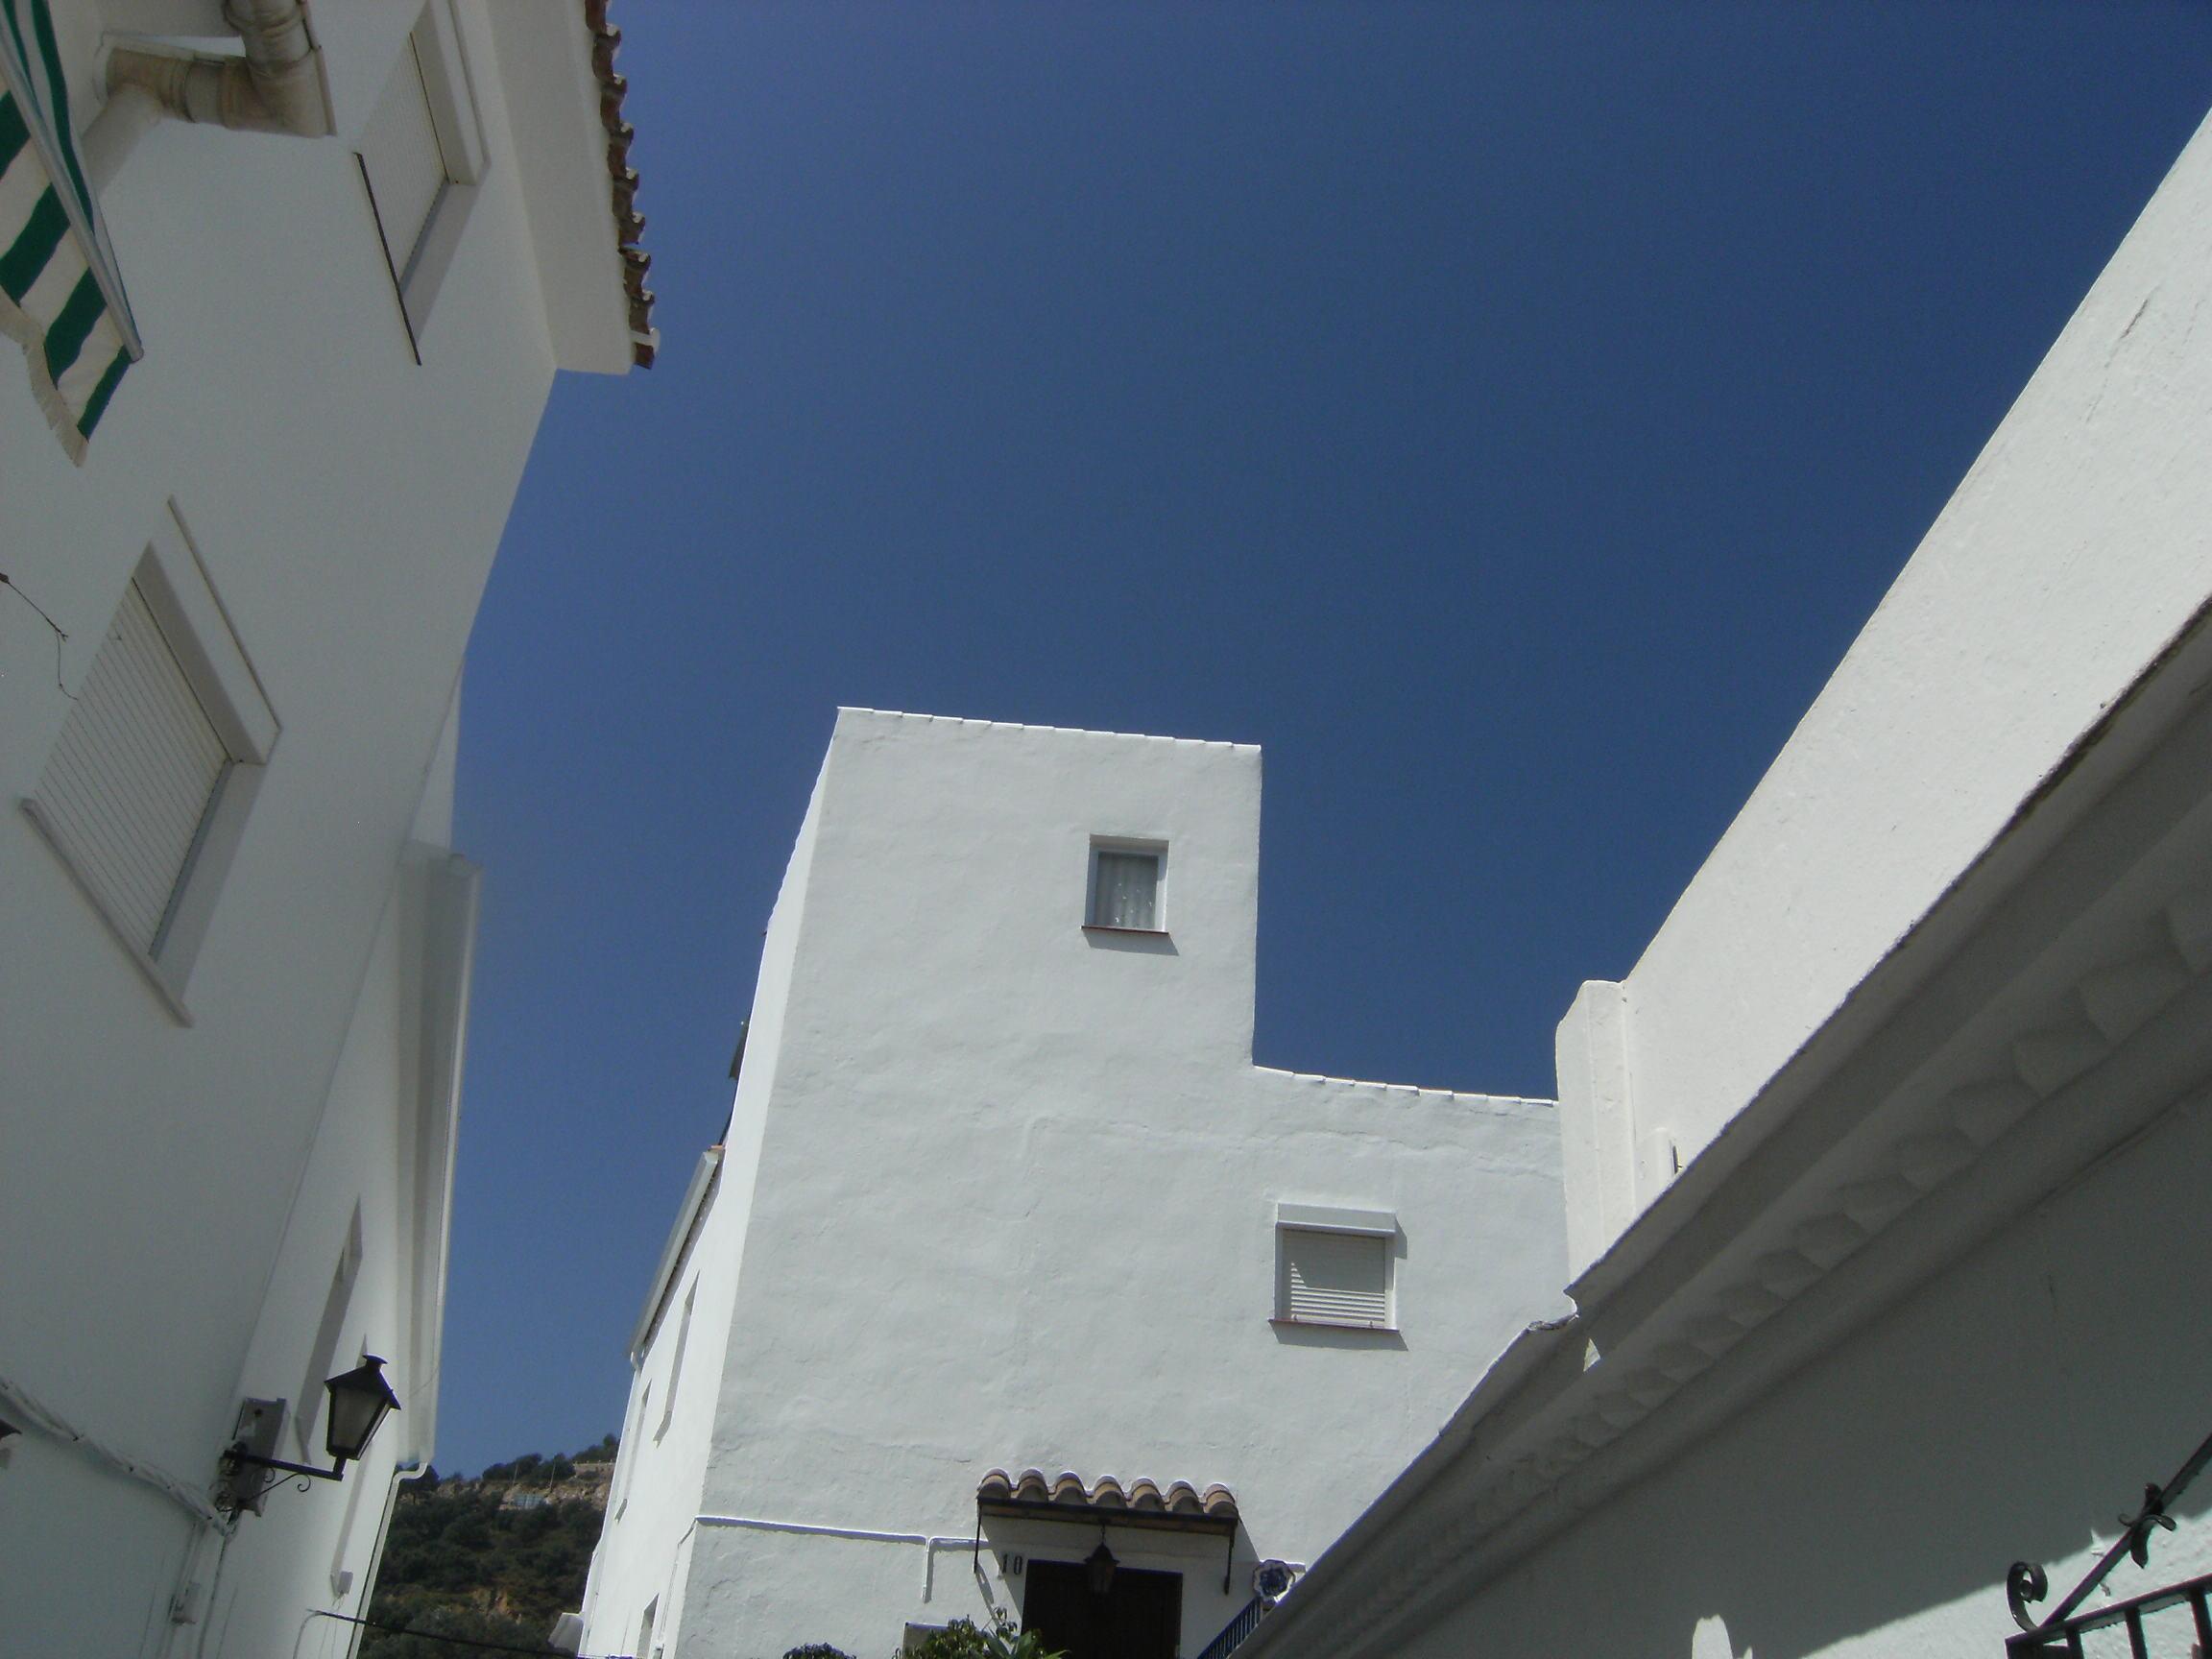 marbella-espagne-vacances-2010-073.jpg